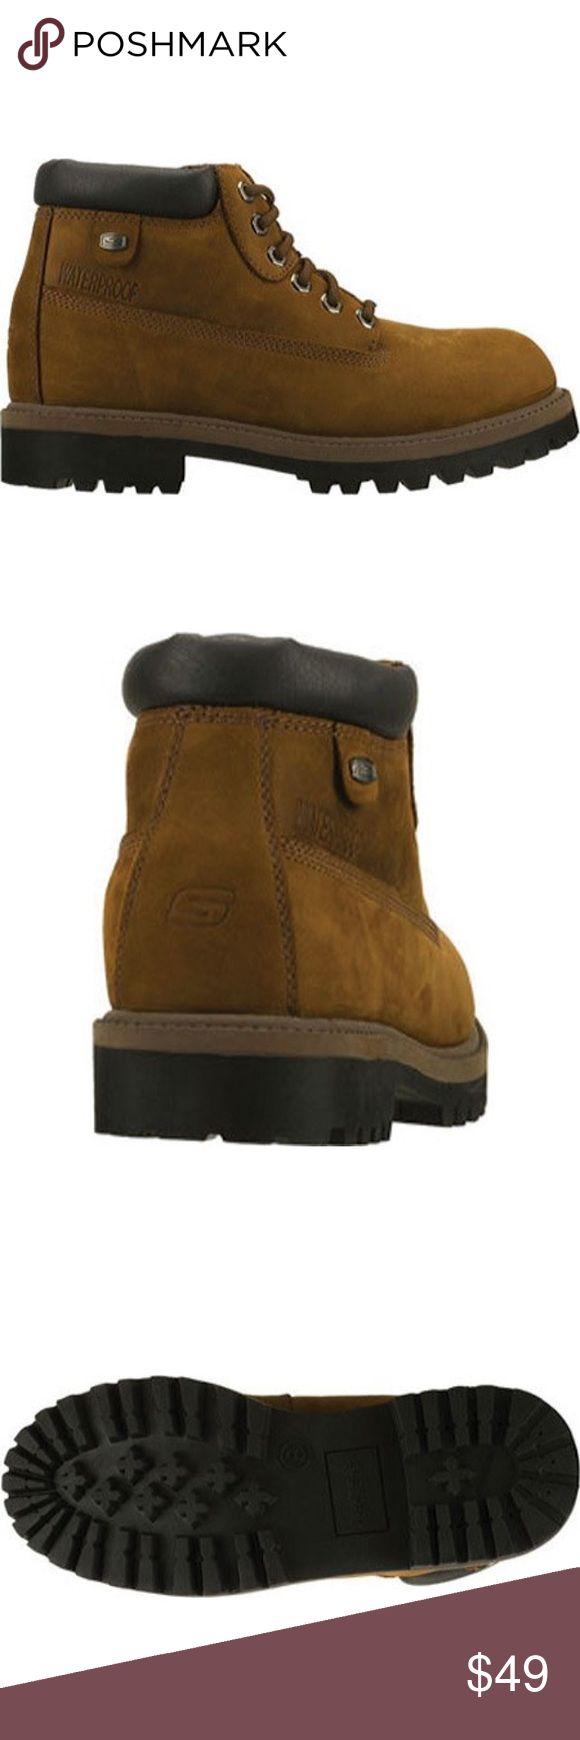 Skechers men waterproof boot Skechers men's boot 4243 still great condition waterproof super durable Skechers Shoes Boots